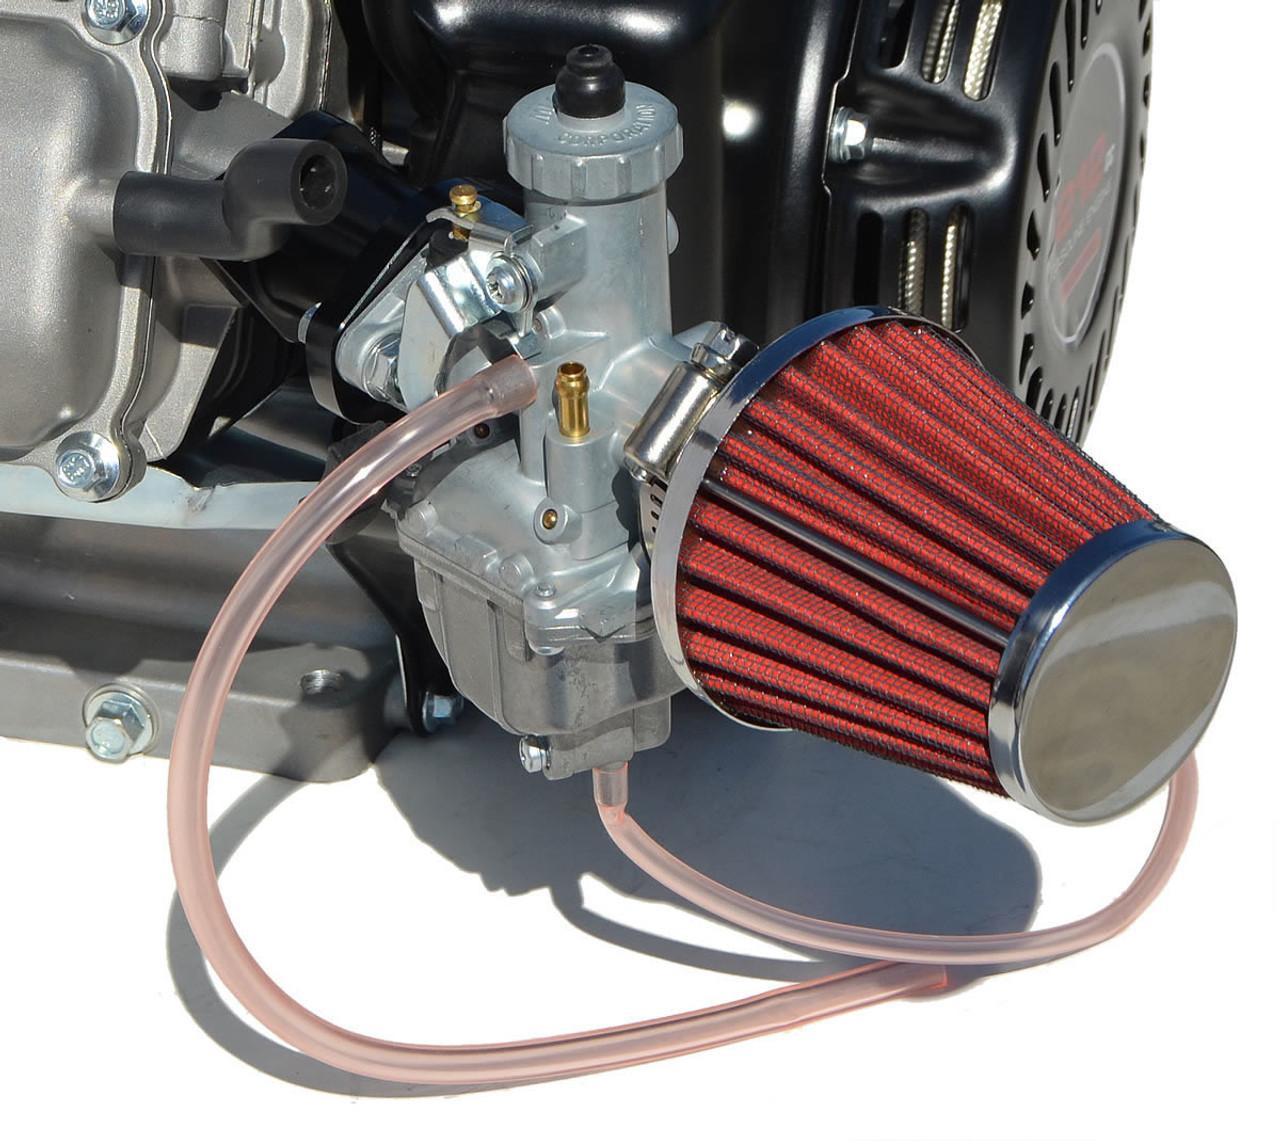 22MM Mikuni Carburetor Performance Kit